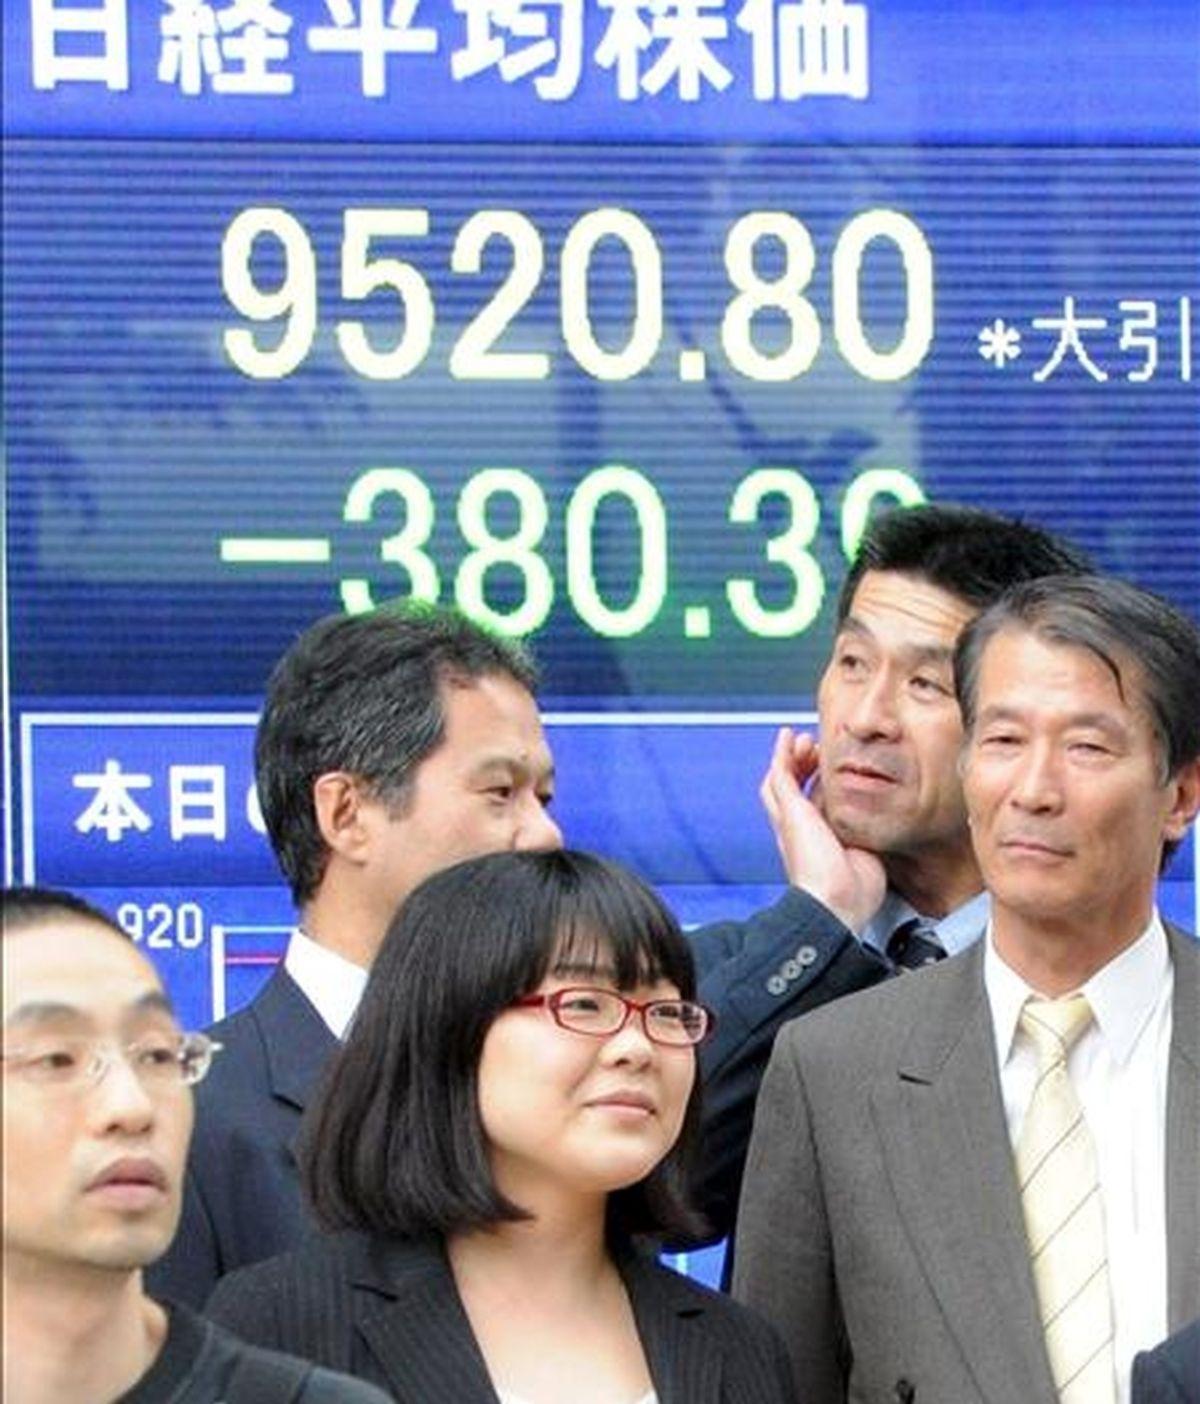 Ejecutivos japoneses caminan frente a un tablero electrónico con el valor de los índices de la Bolsa de Tokio. EFE/Archivo